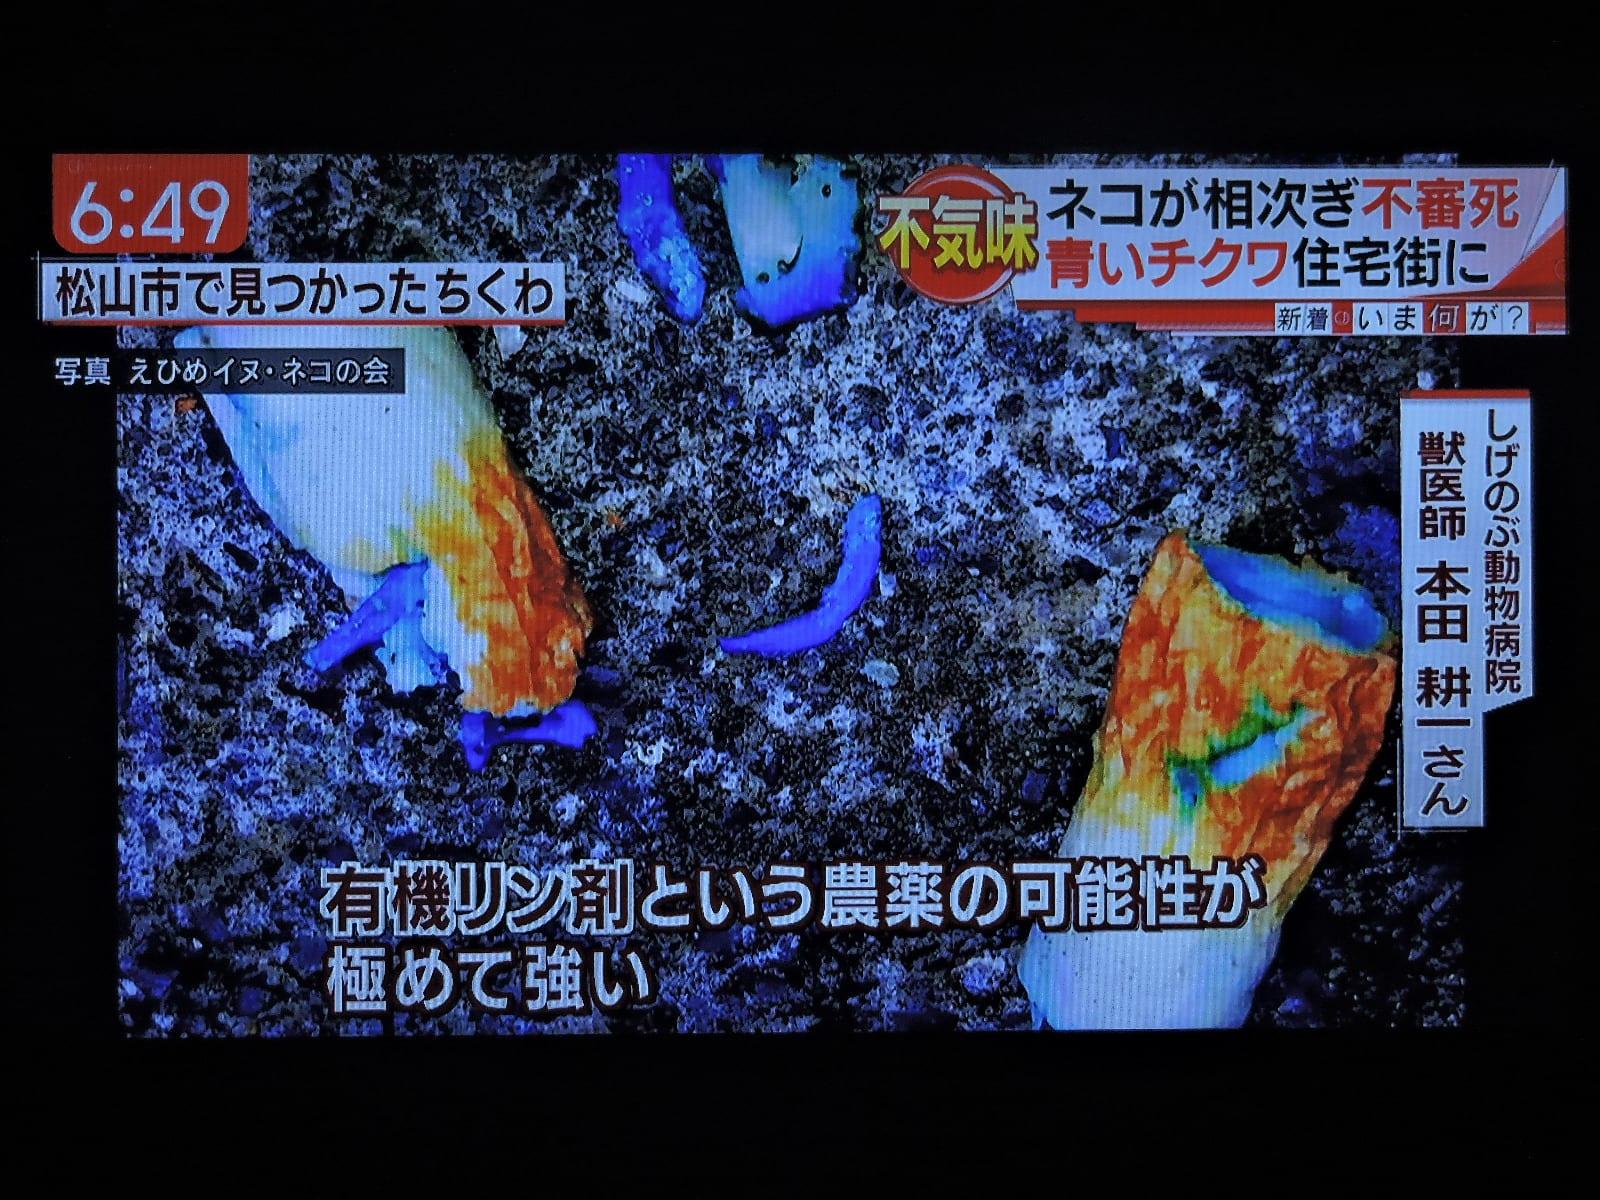 4/5 青い毒は有機リン剤かもしれない - ab Cuore